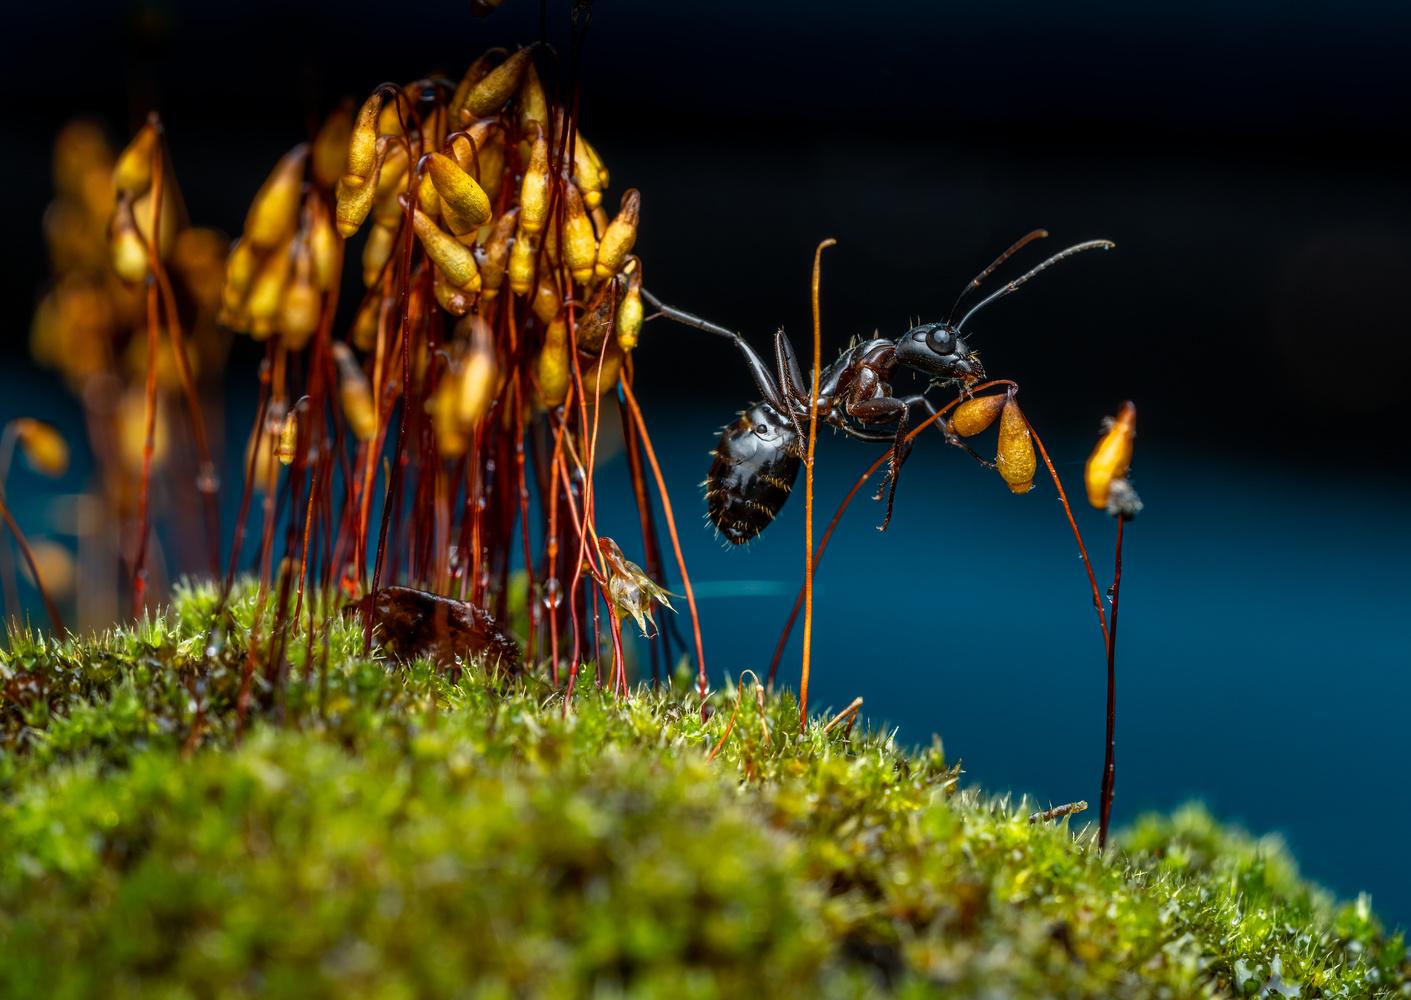 Ant by Skyler Ewing